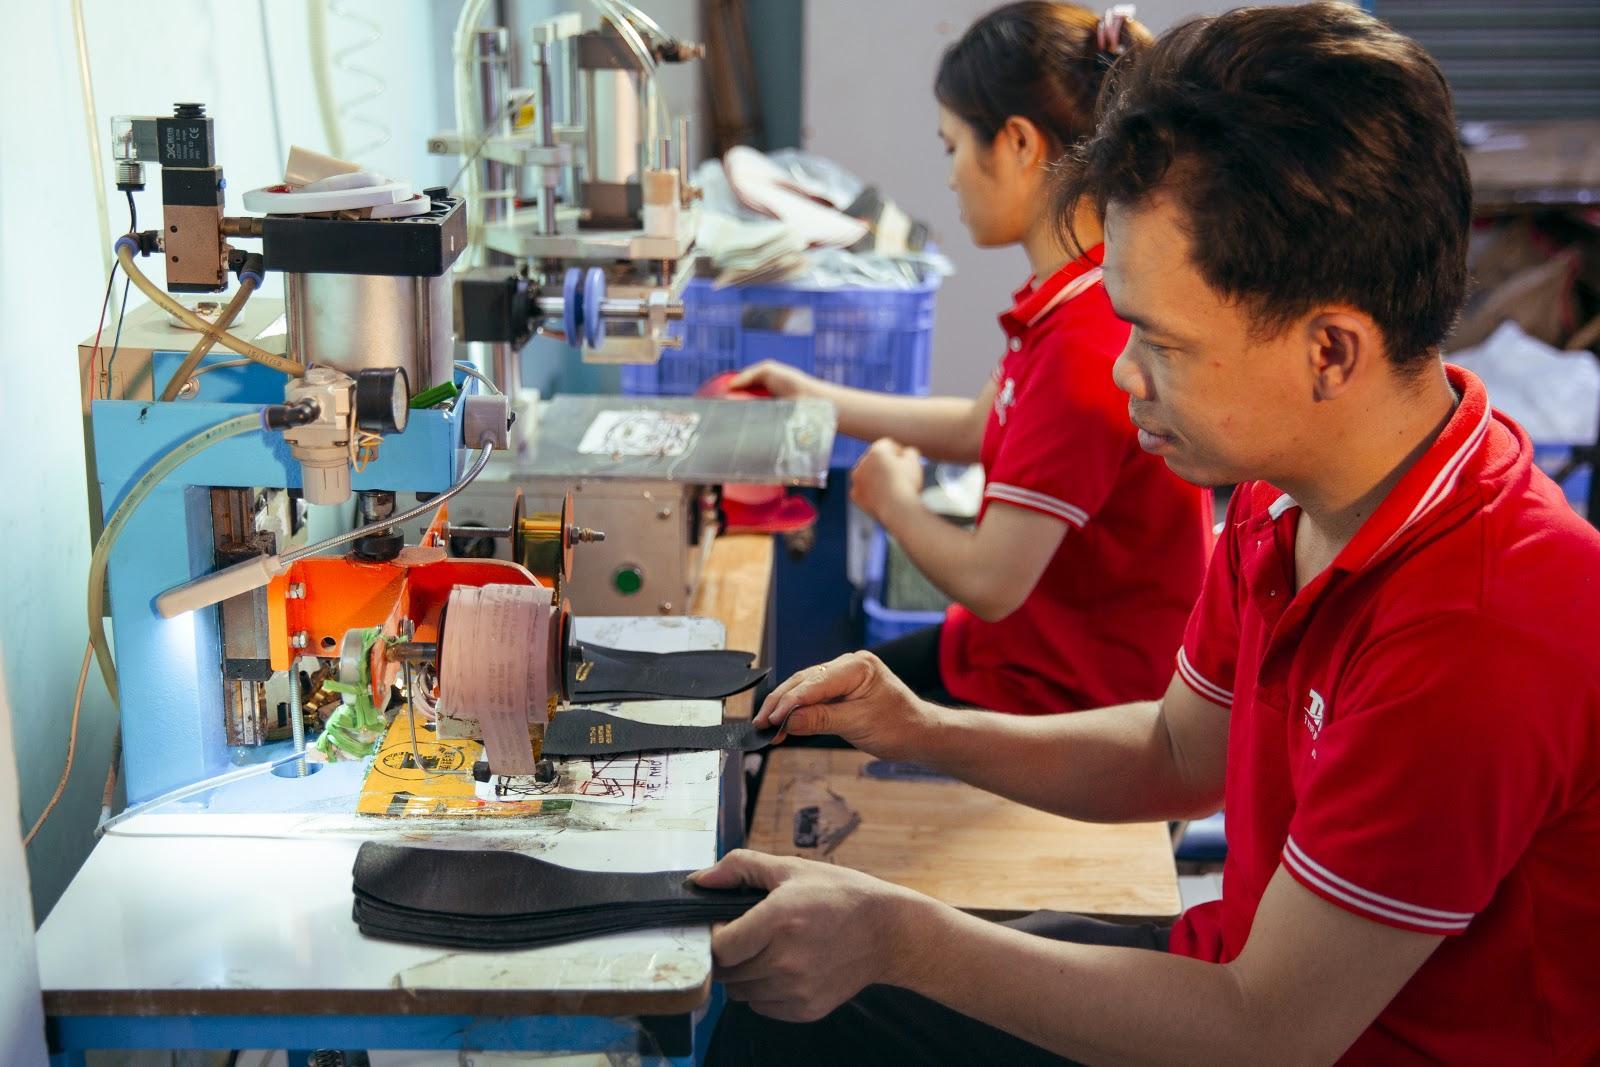 Thiên Hương – Đơn vị có gần 15 năm trong nghề với nhiều đối tác lâu dài